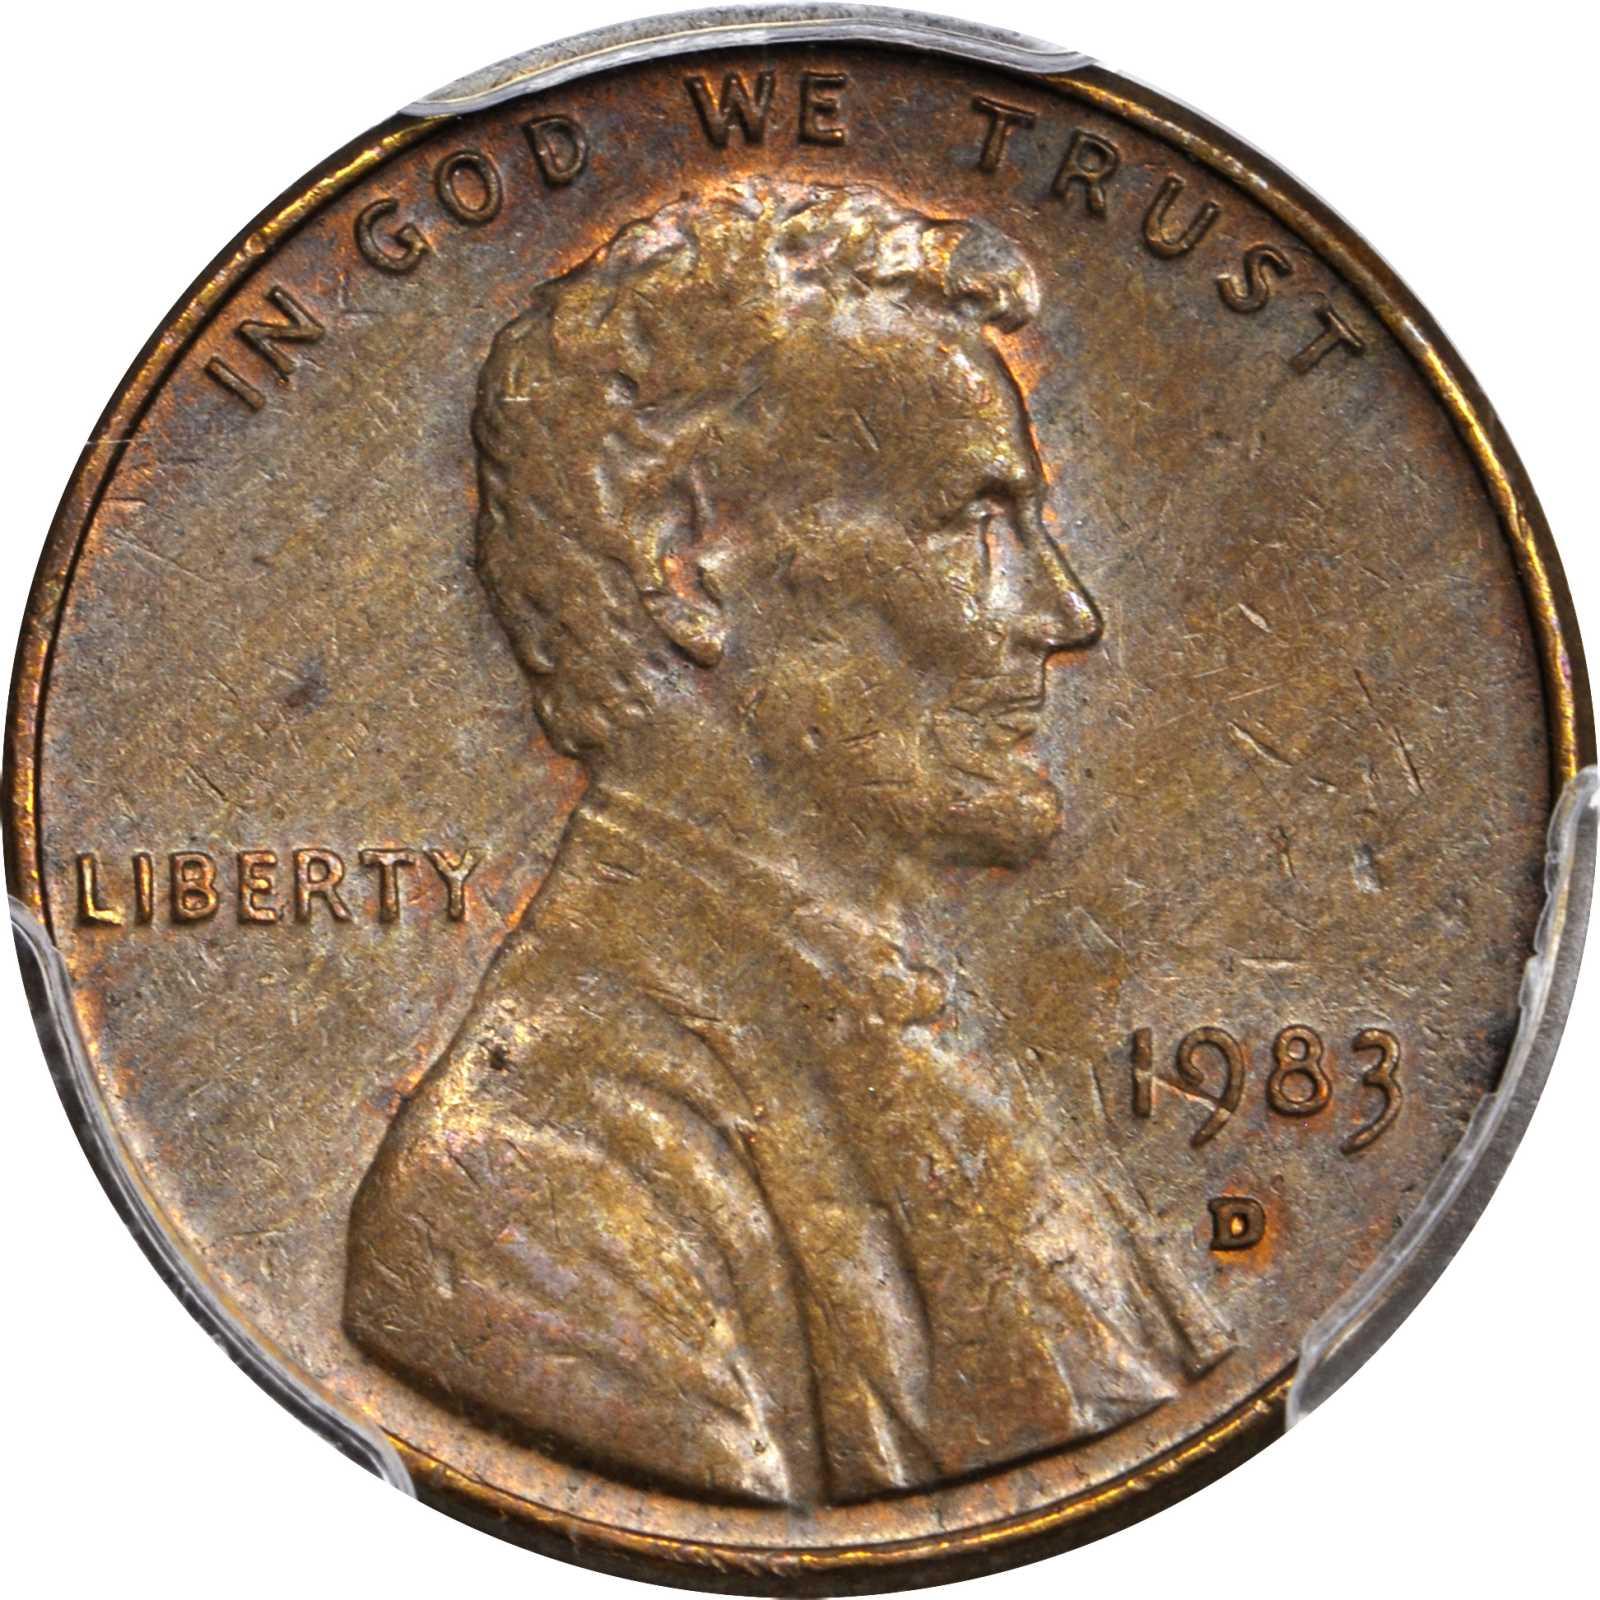 1983-D Lincoln Cent--Struck on a Bronze Planchet--AU-55